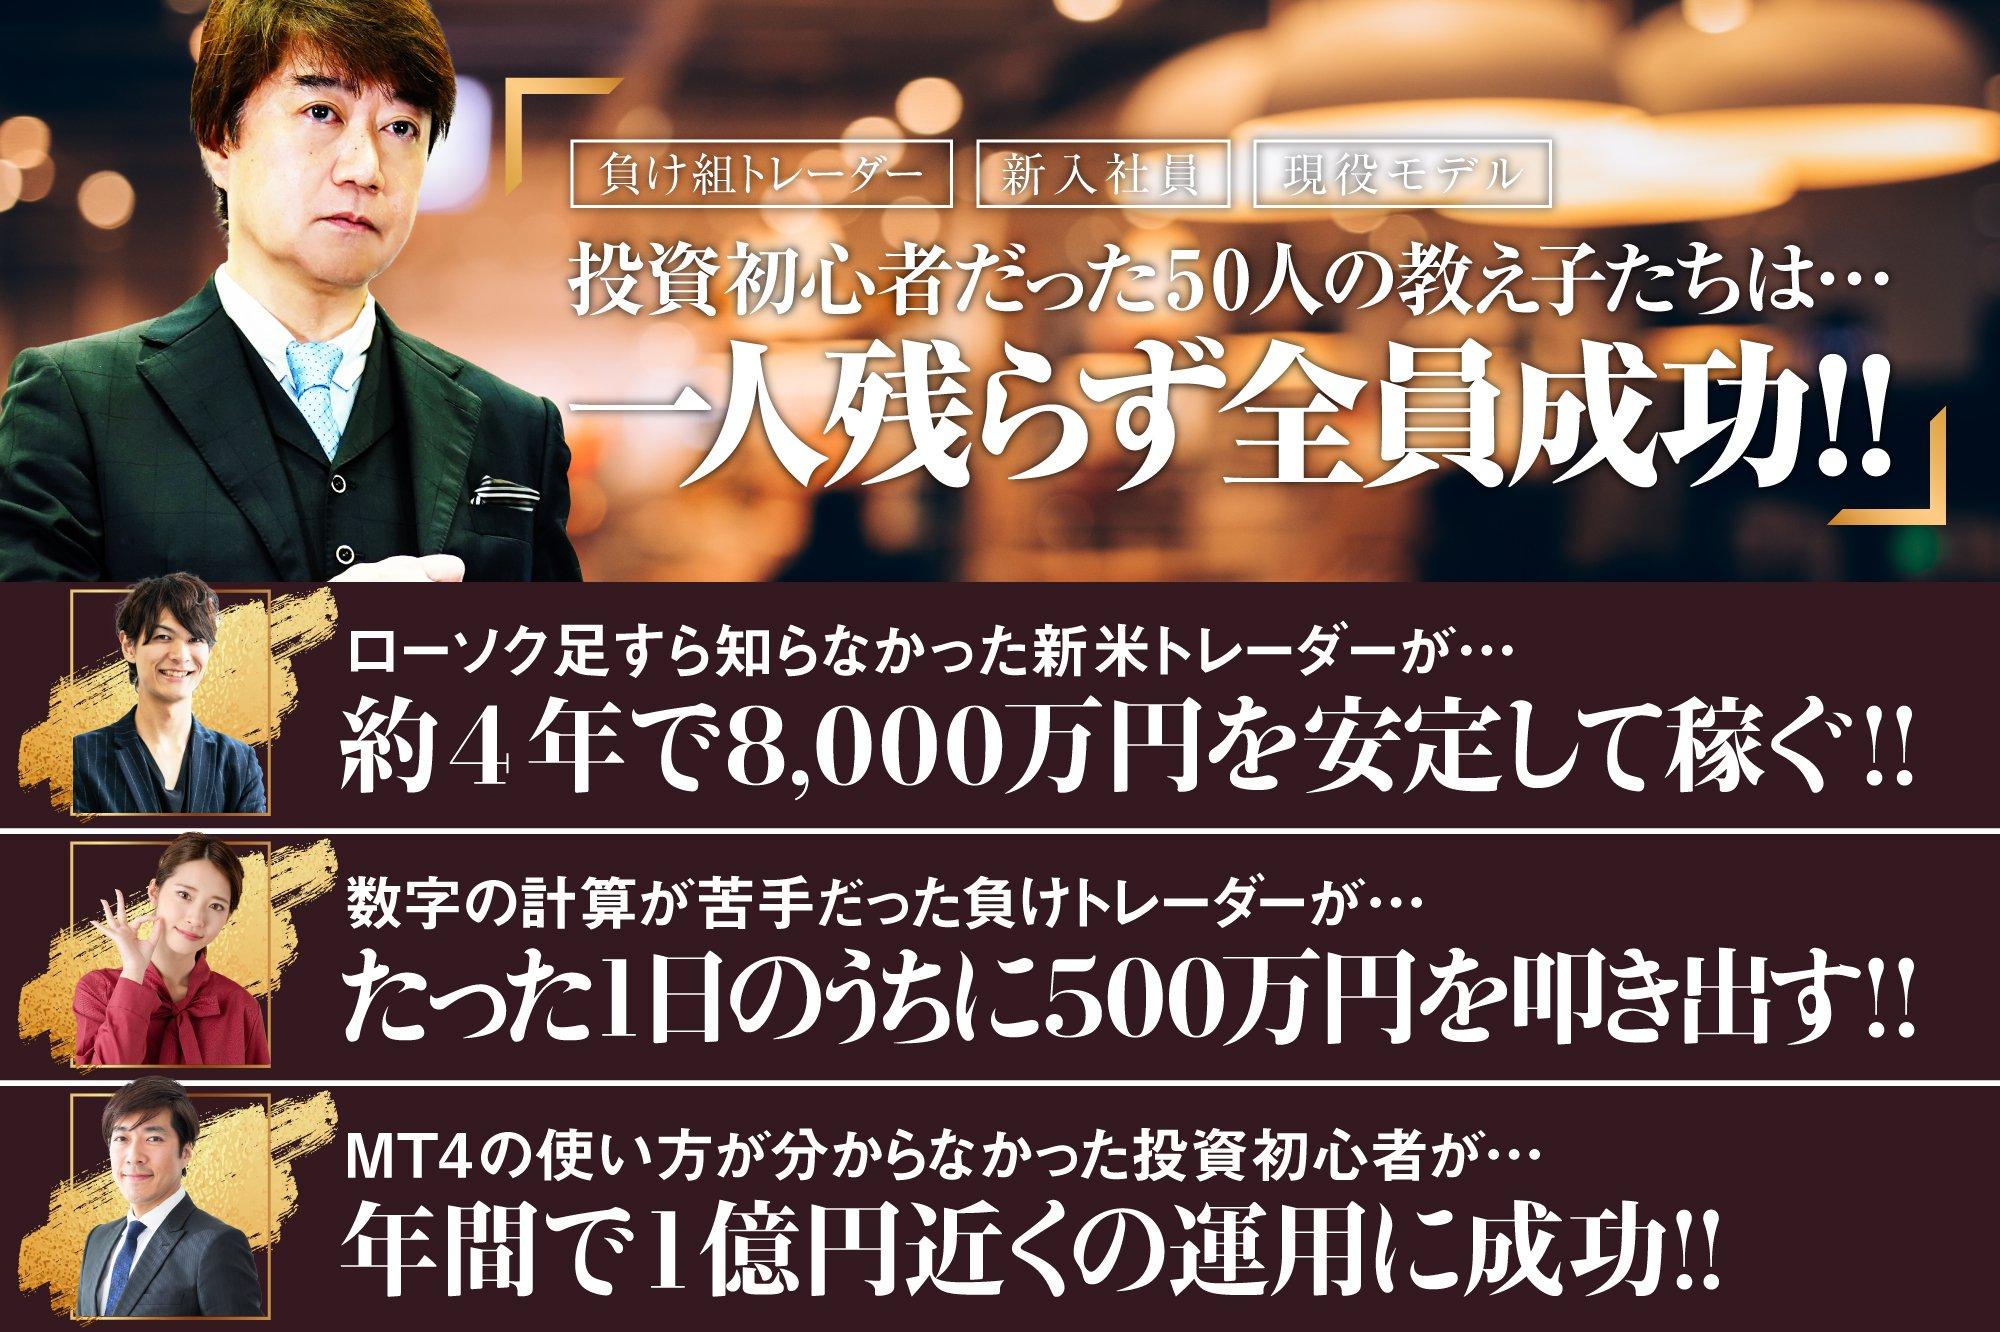 新着レビューあり!億スキャFX(TAKAHASHIメソッド)クロスリテイリング株式会社、松野有希、髙橋良彰